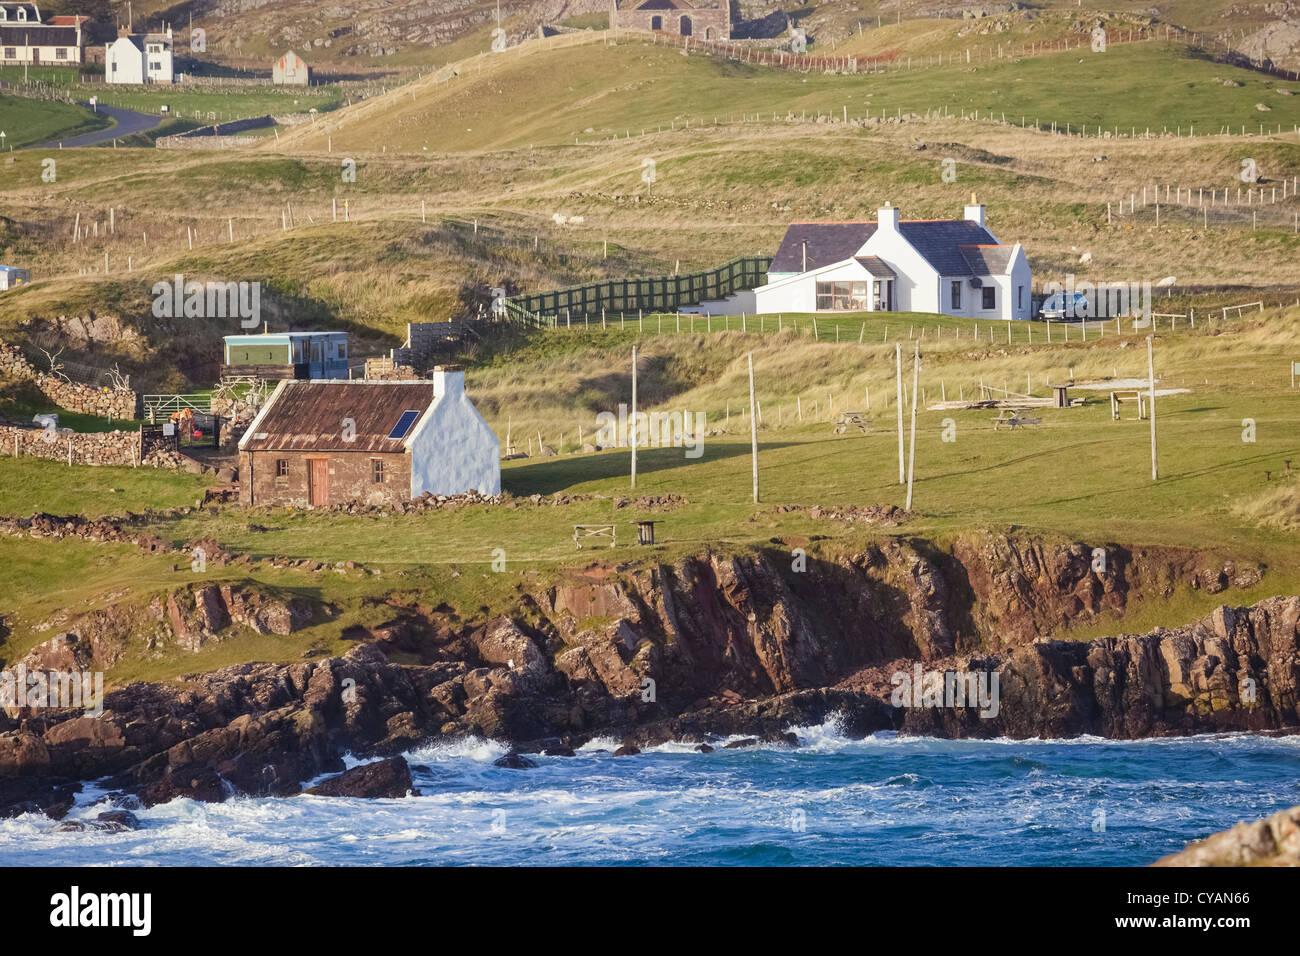 À l'égard de Clachtoll Split Rock avec le saumon Bothy vers la gauche. Highlands écossais. Photo Stock